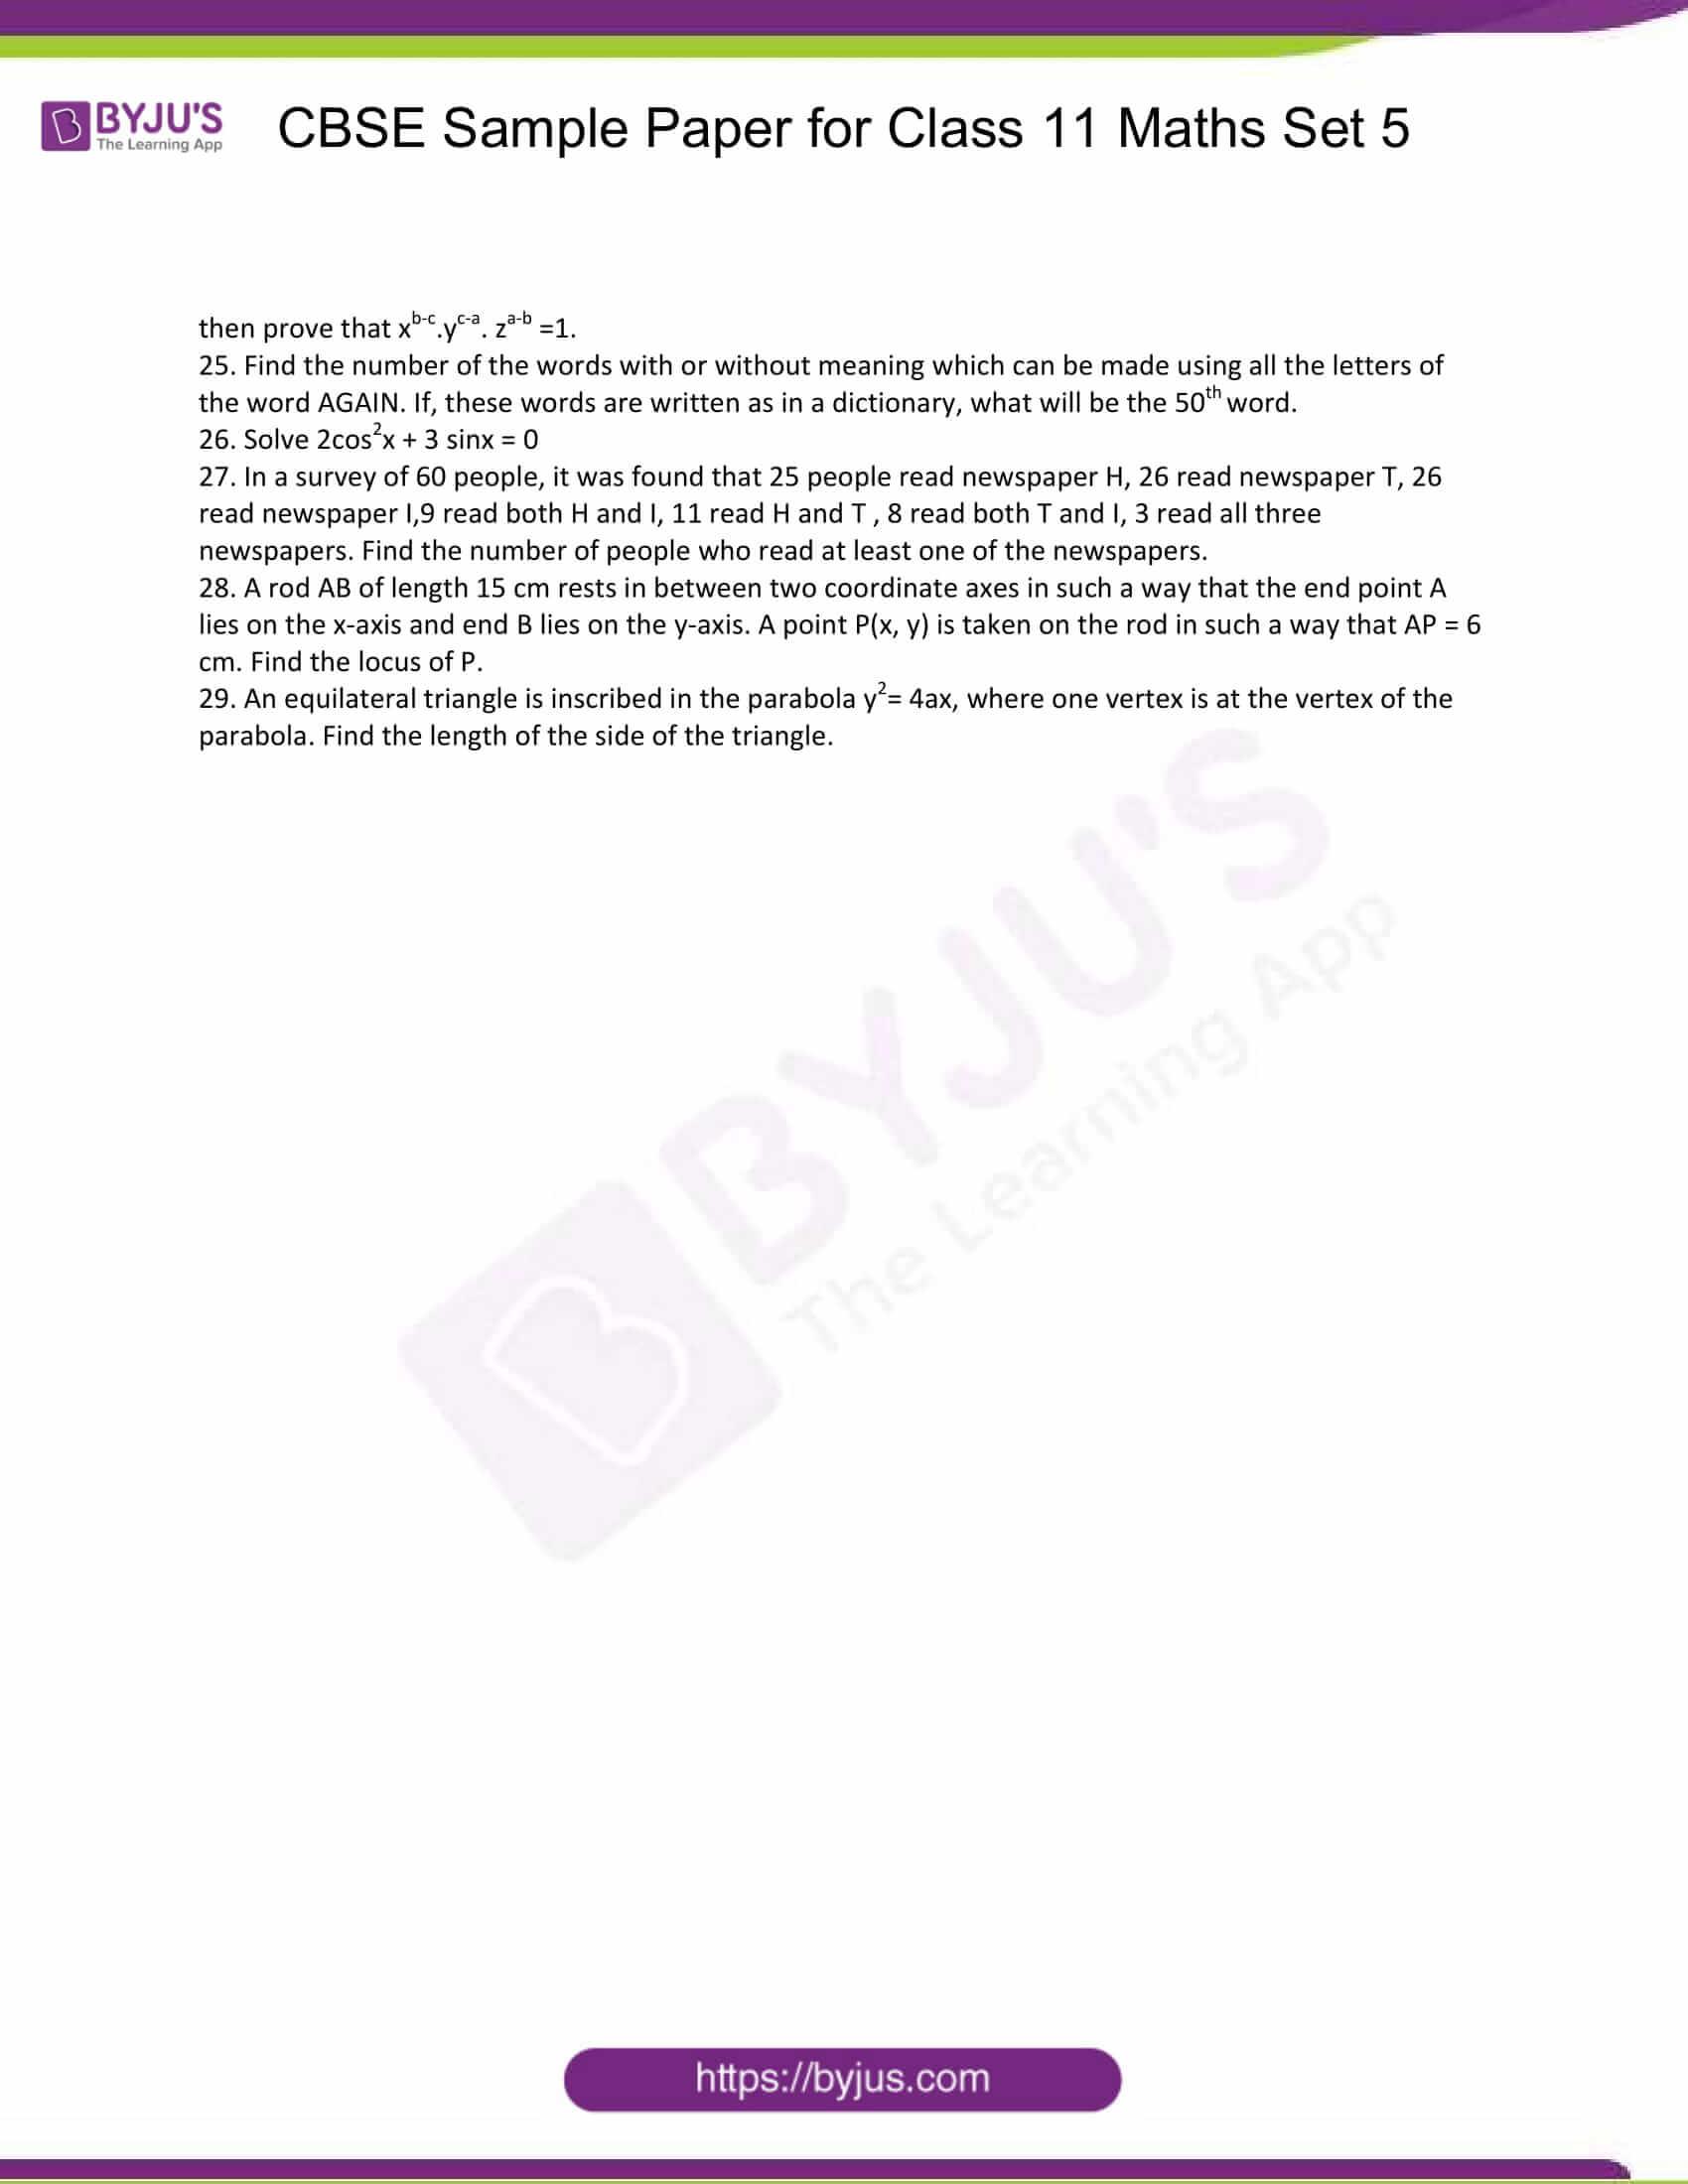 cbse sample paper class 11 maths set 5